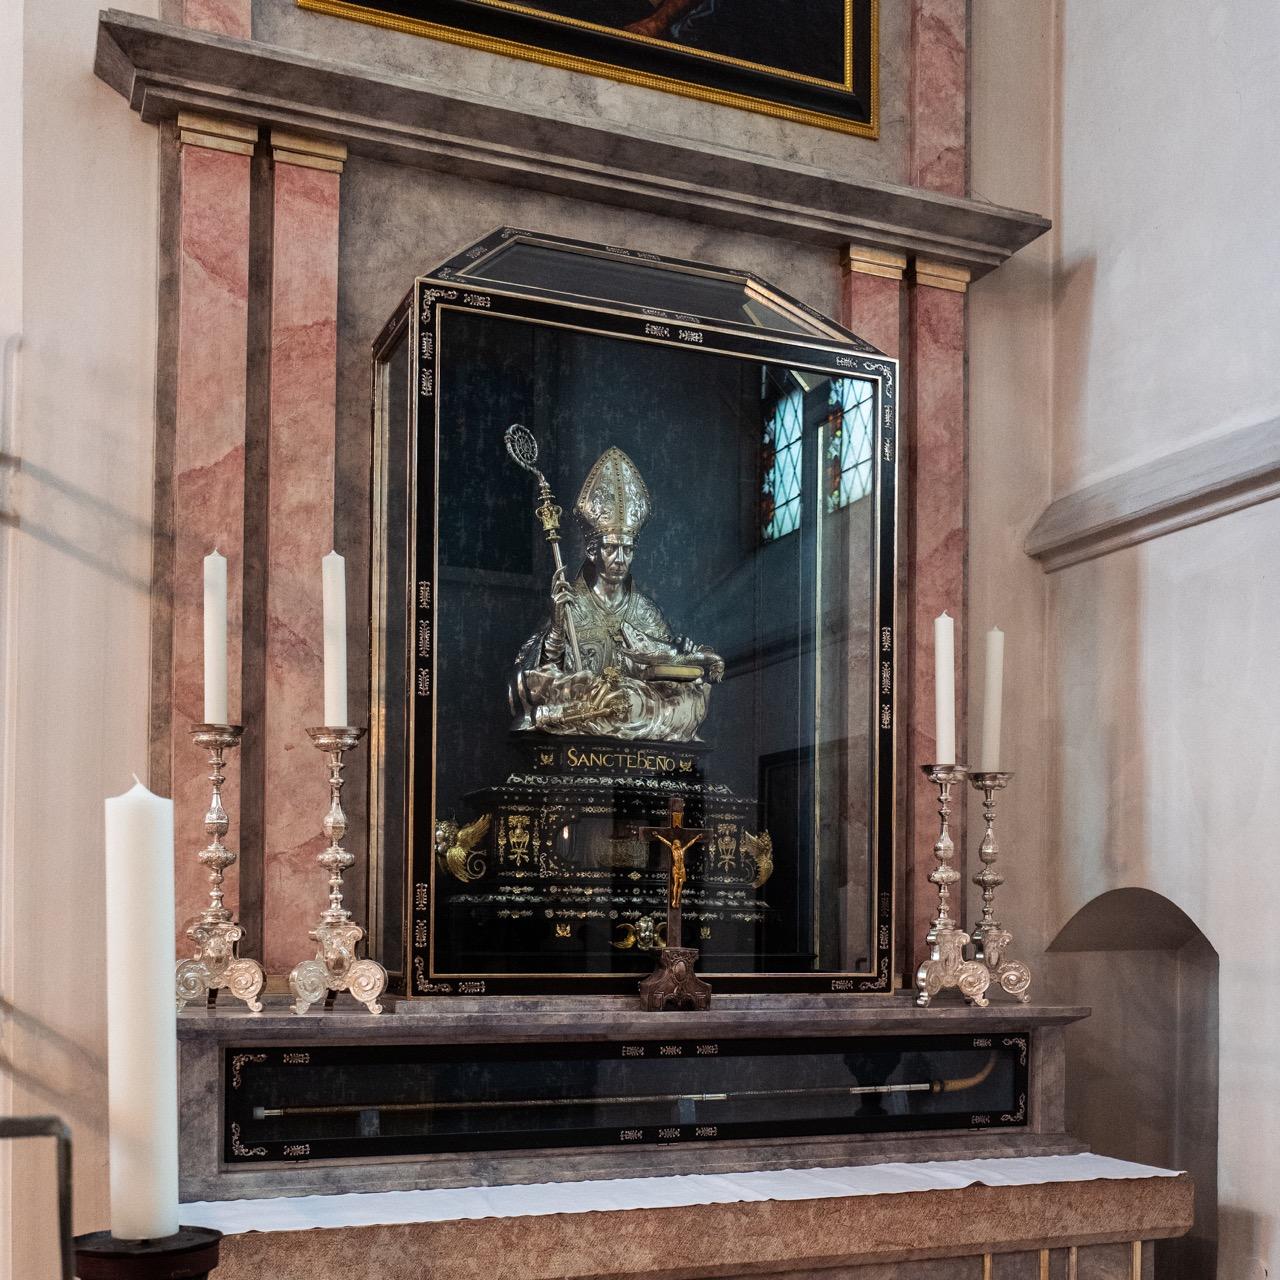 Bennokapelle, Reliquienbüste (Paulus von Vianen, 1604)